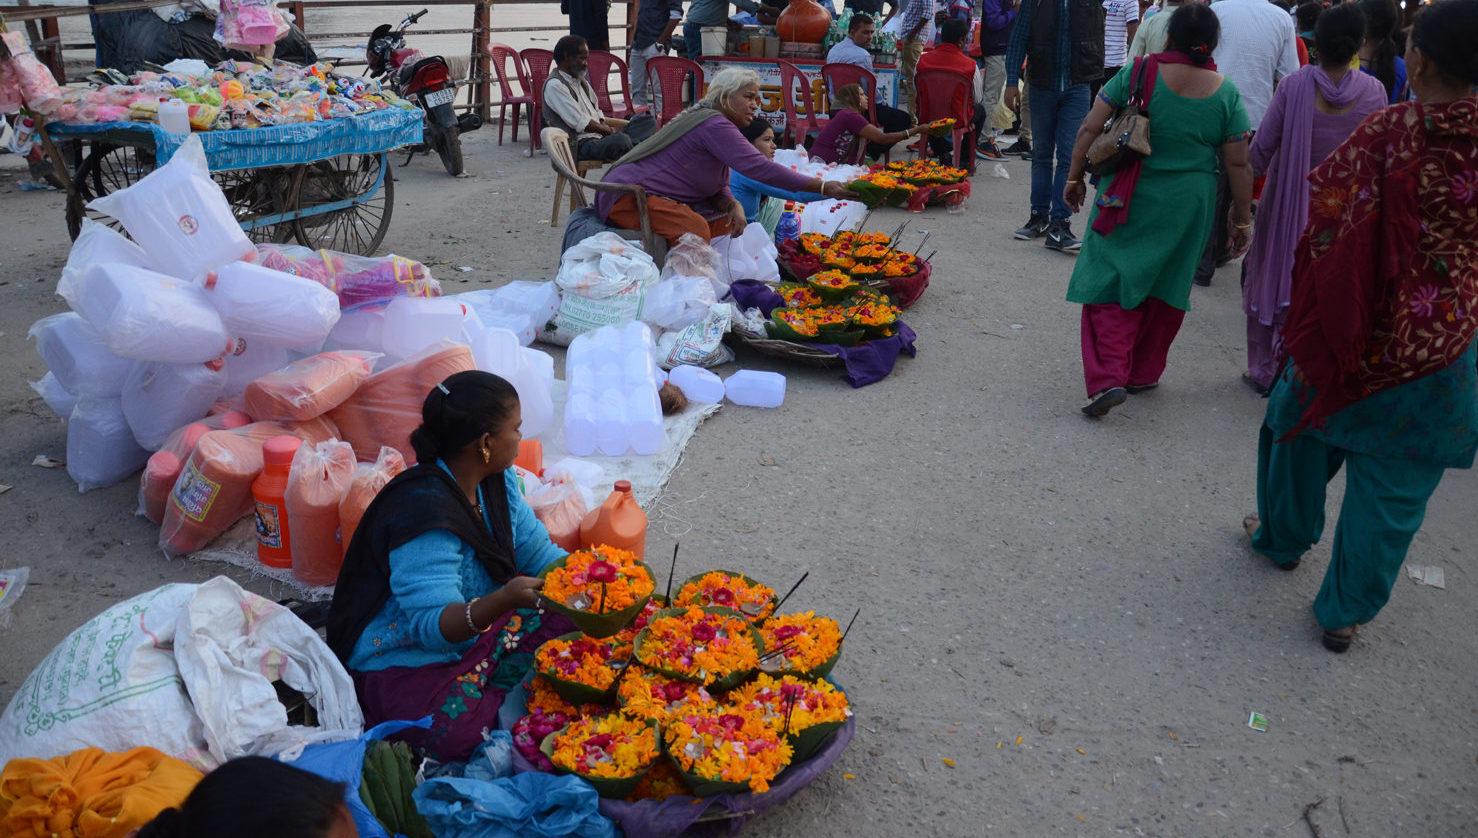 Ebersberger Förderverein Interplast e.V. - EFI e.V. - Haridwar-2016